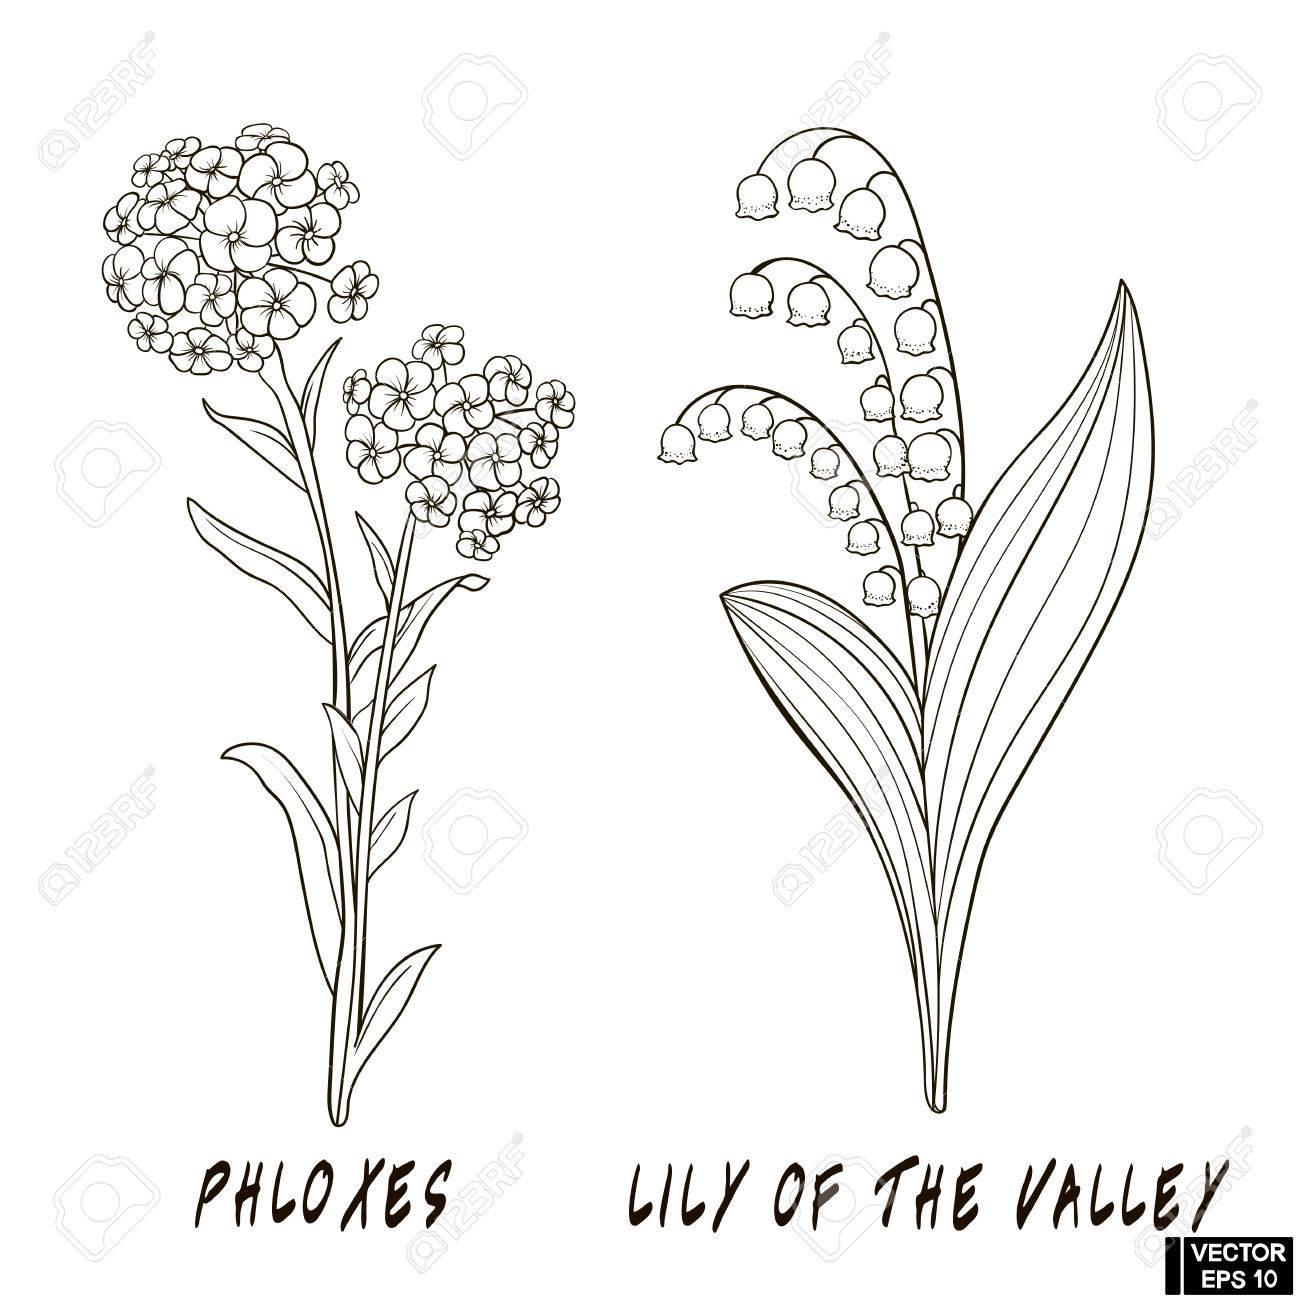 Vektorbild Blumen Zeichnen Hand Mit Tinte Eine Skizze Eines